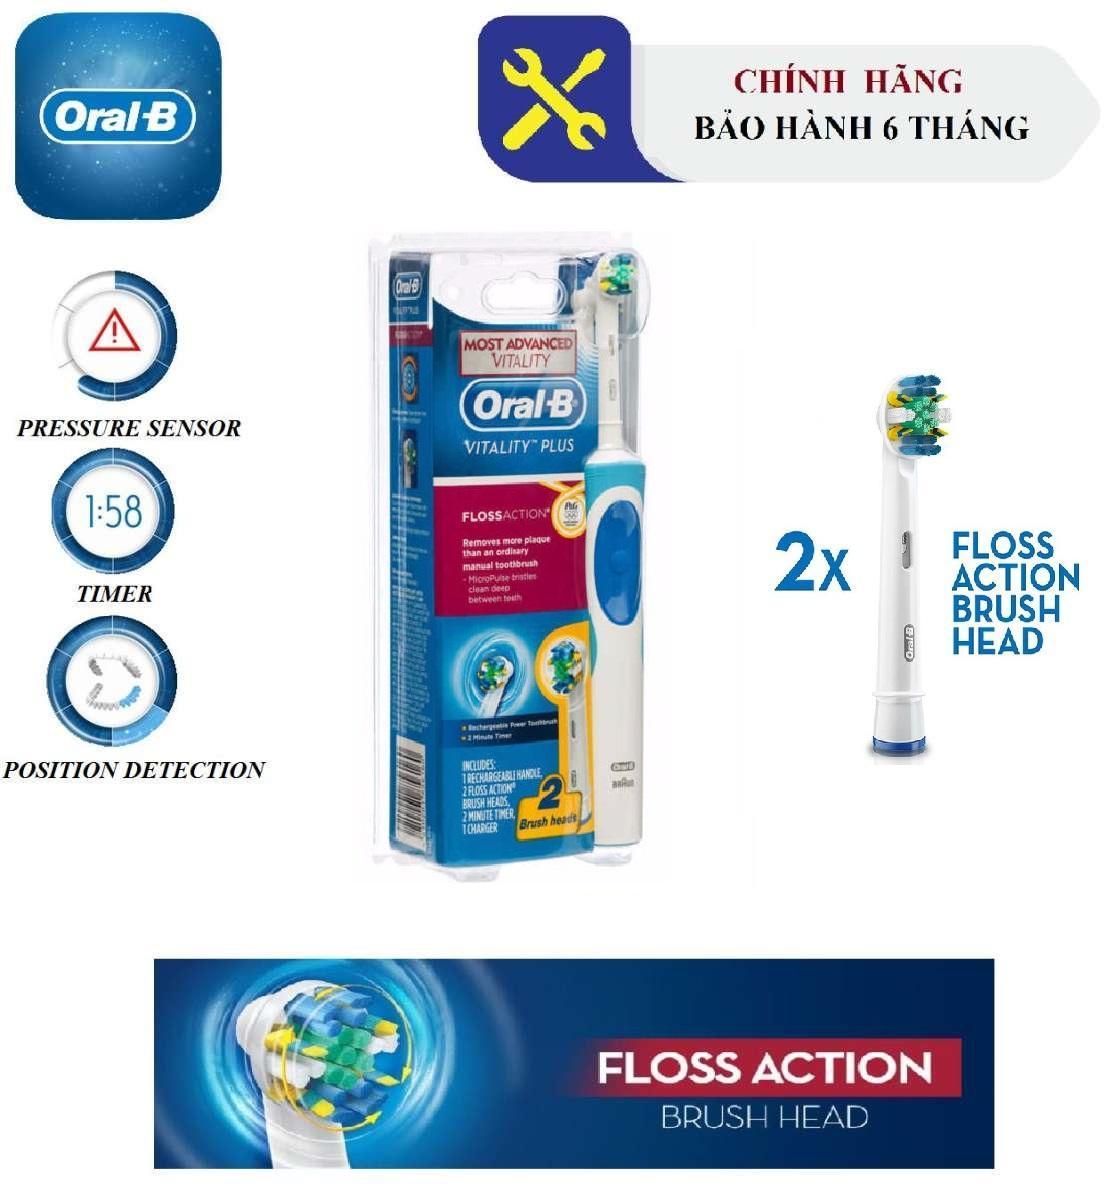 Bàn Chải Đánh Răng Điện Oral-B Vitality FlossAction (có lông di dộng, làm sạch sâu các kẽ răng), BH 6 tháng